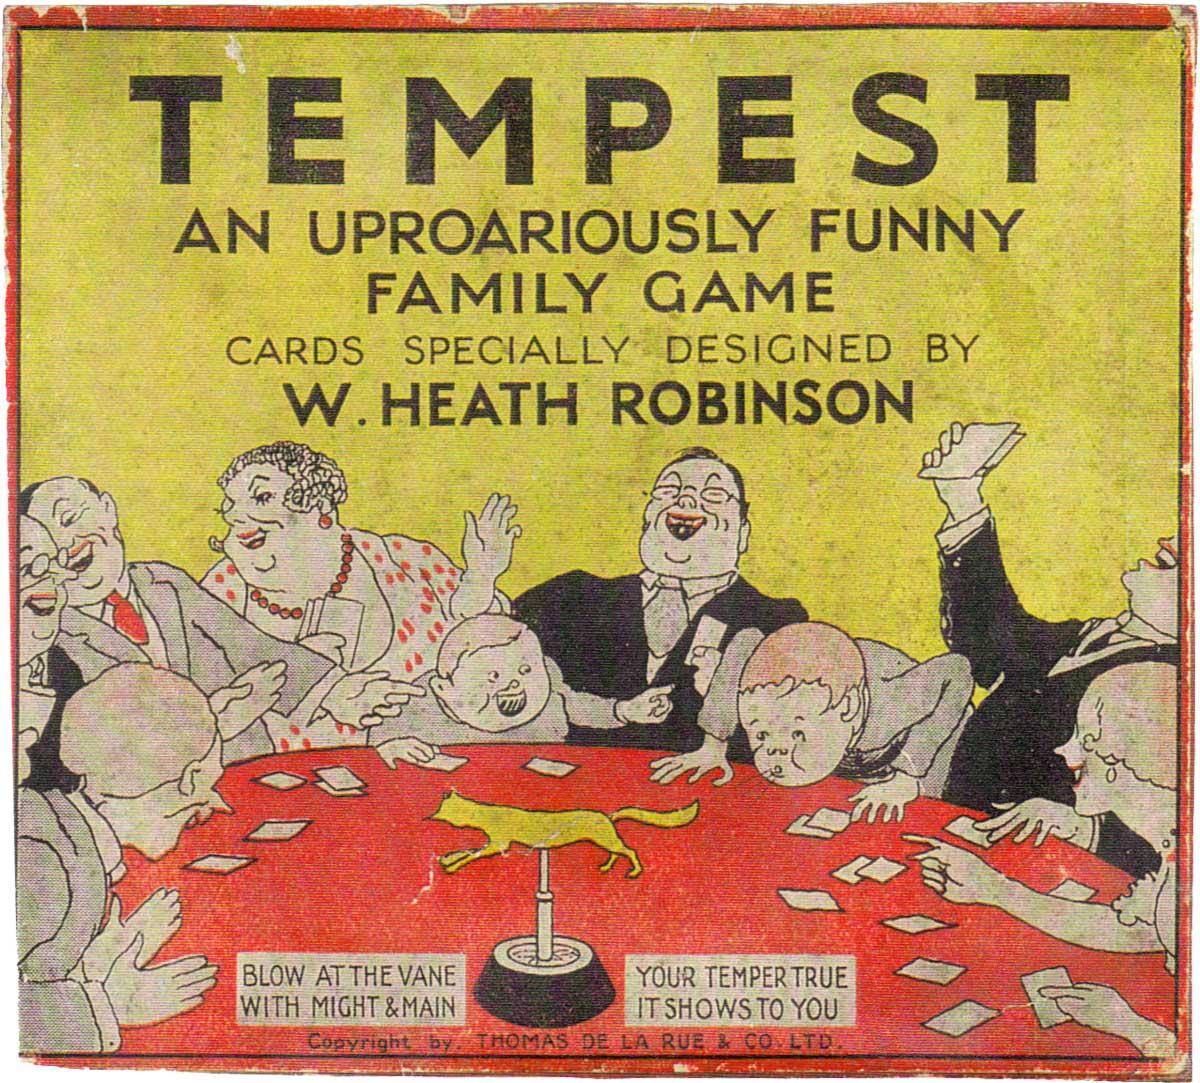 The box from Tempest published by Thomas de la Rue & Co. Ltd, c.1920s